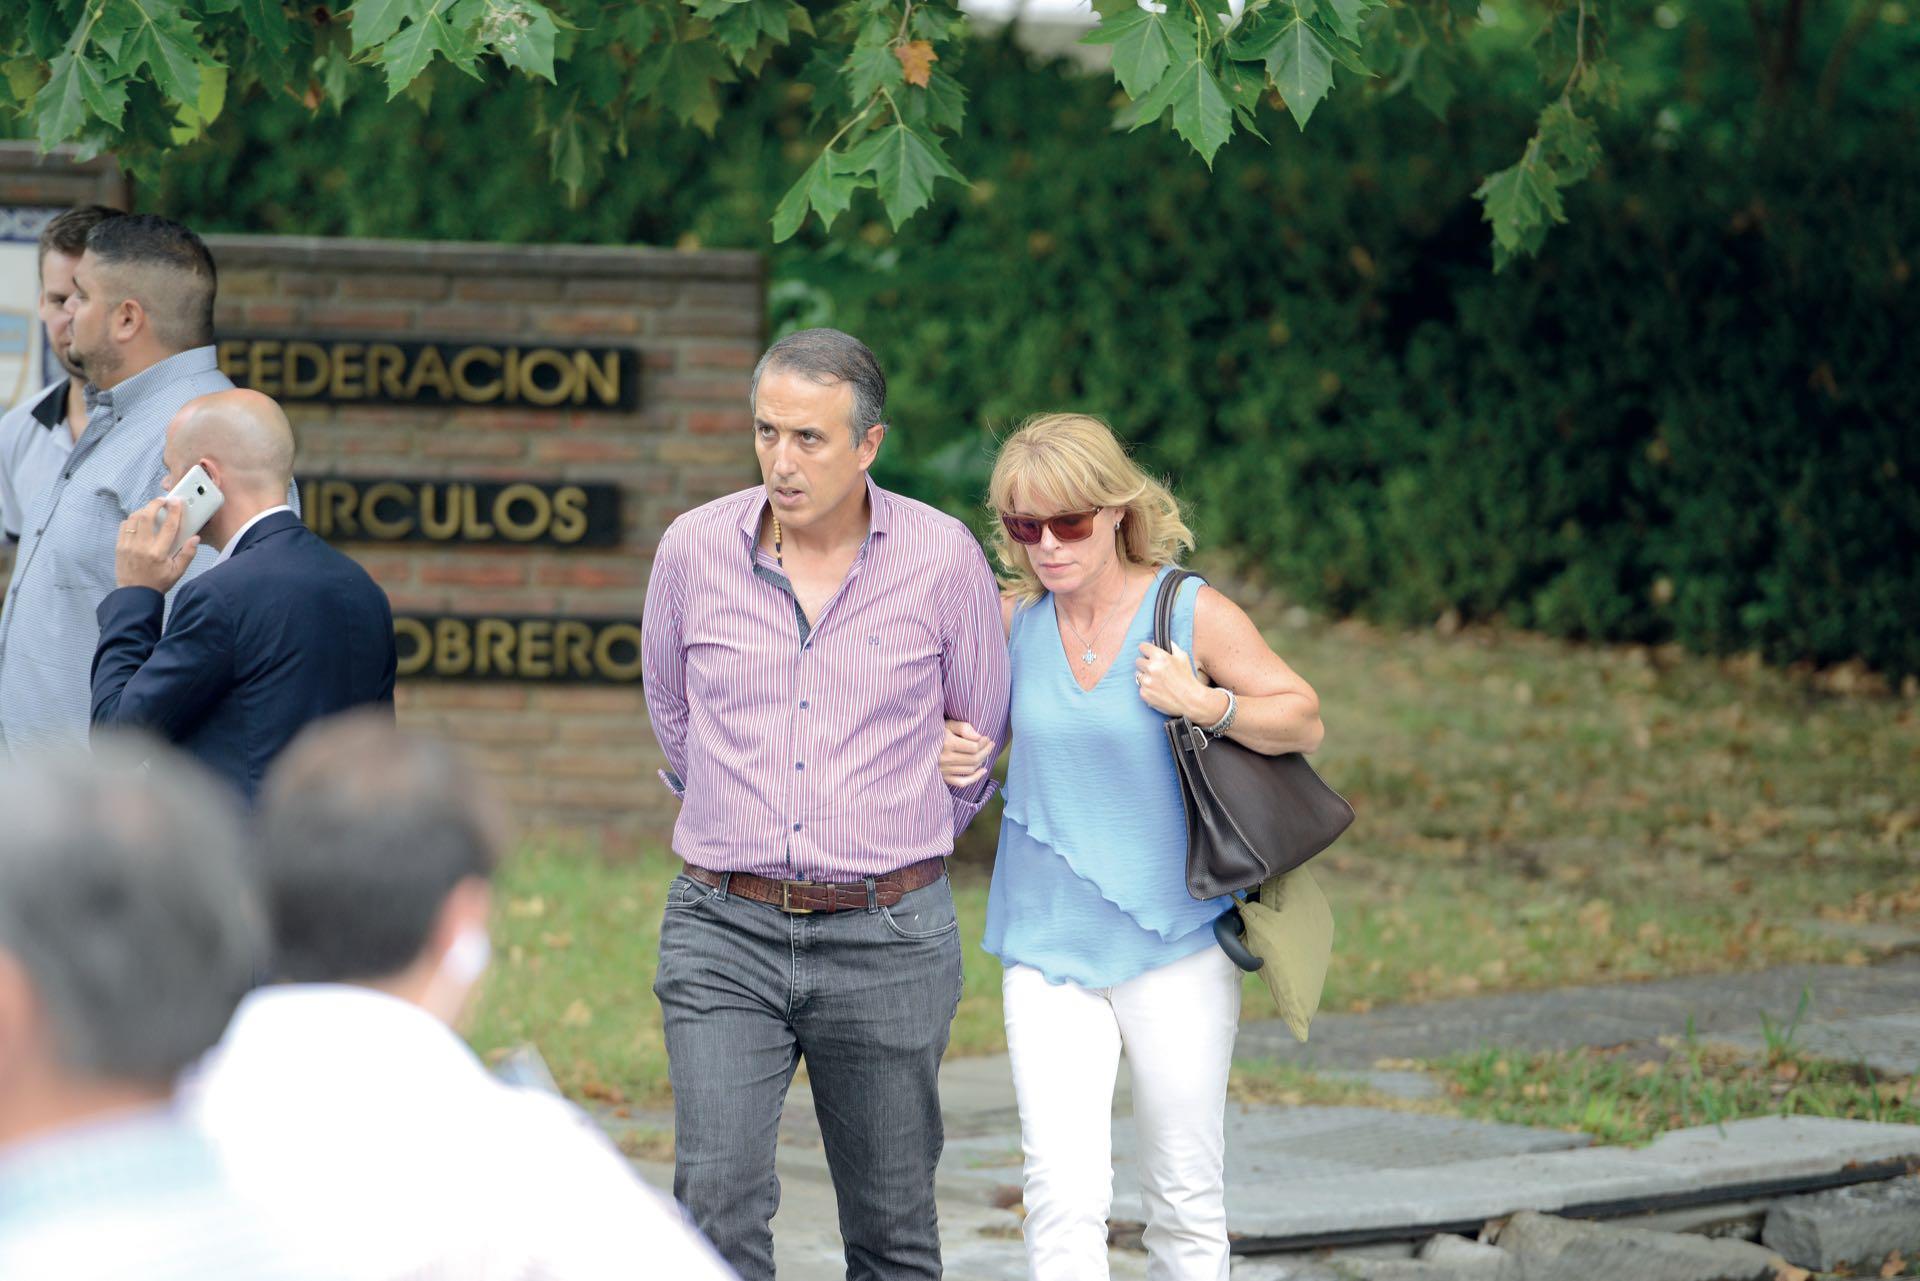 Gustavo Tubio y su mujer, también presentes (Fotos: Enrique García Medina y Maxi Vernazza/GENTE)